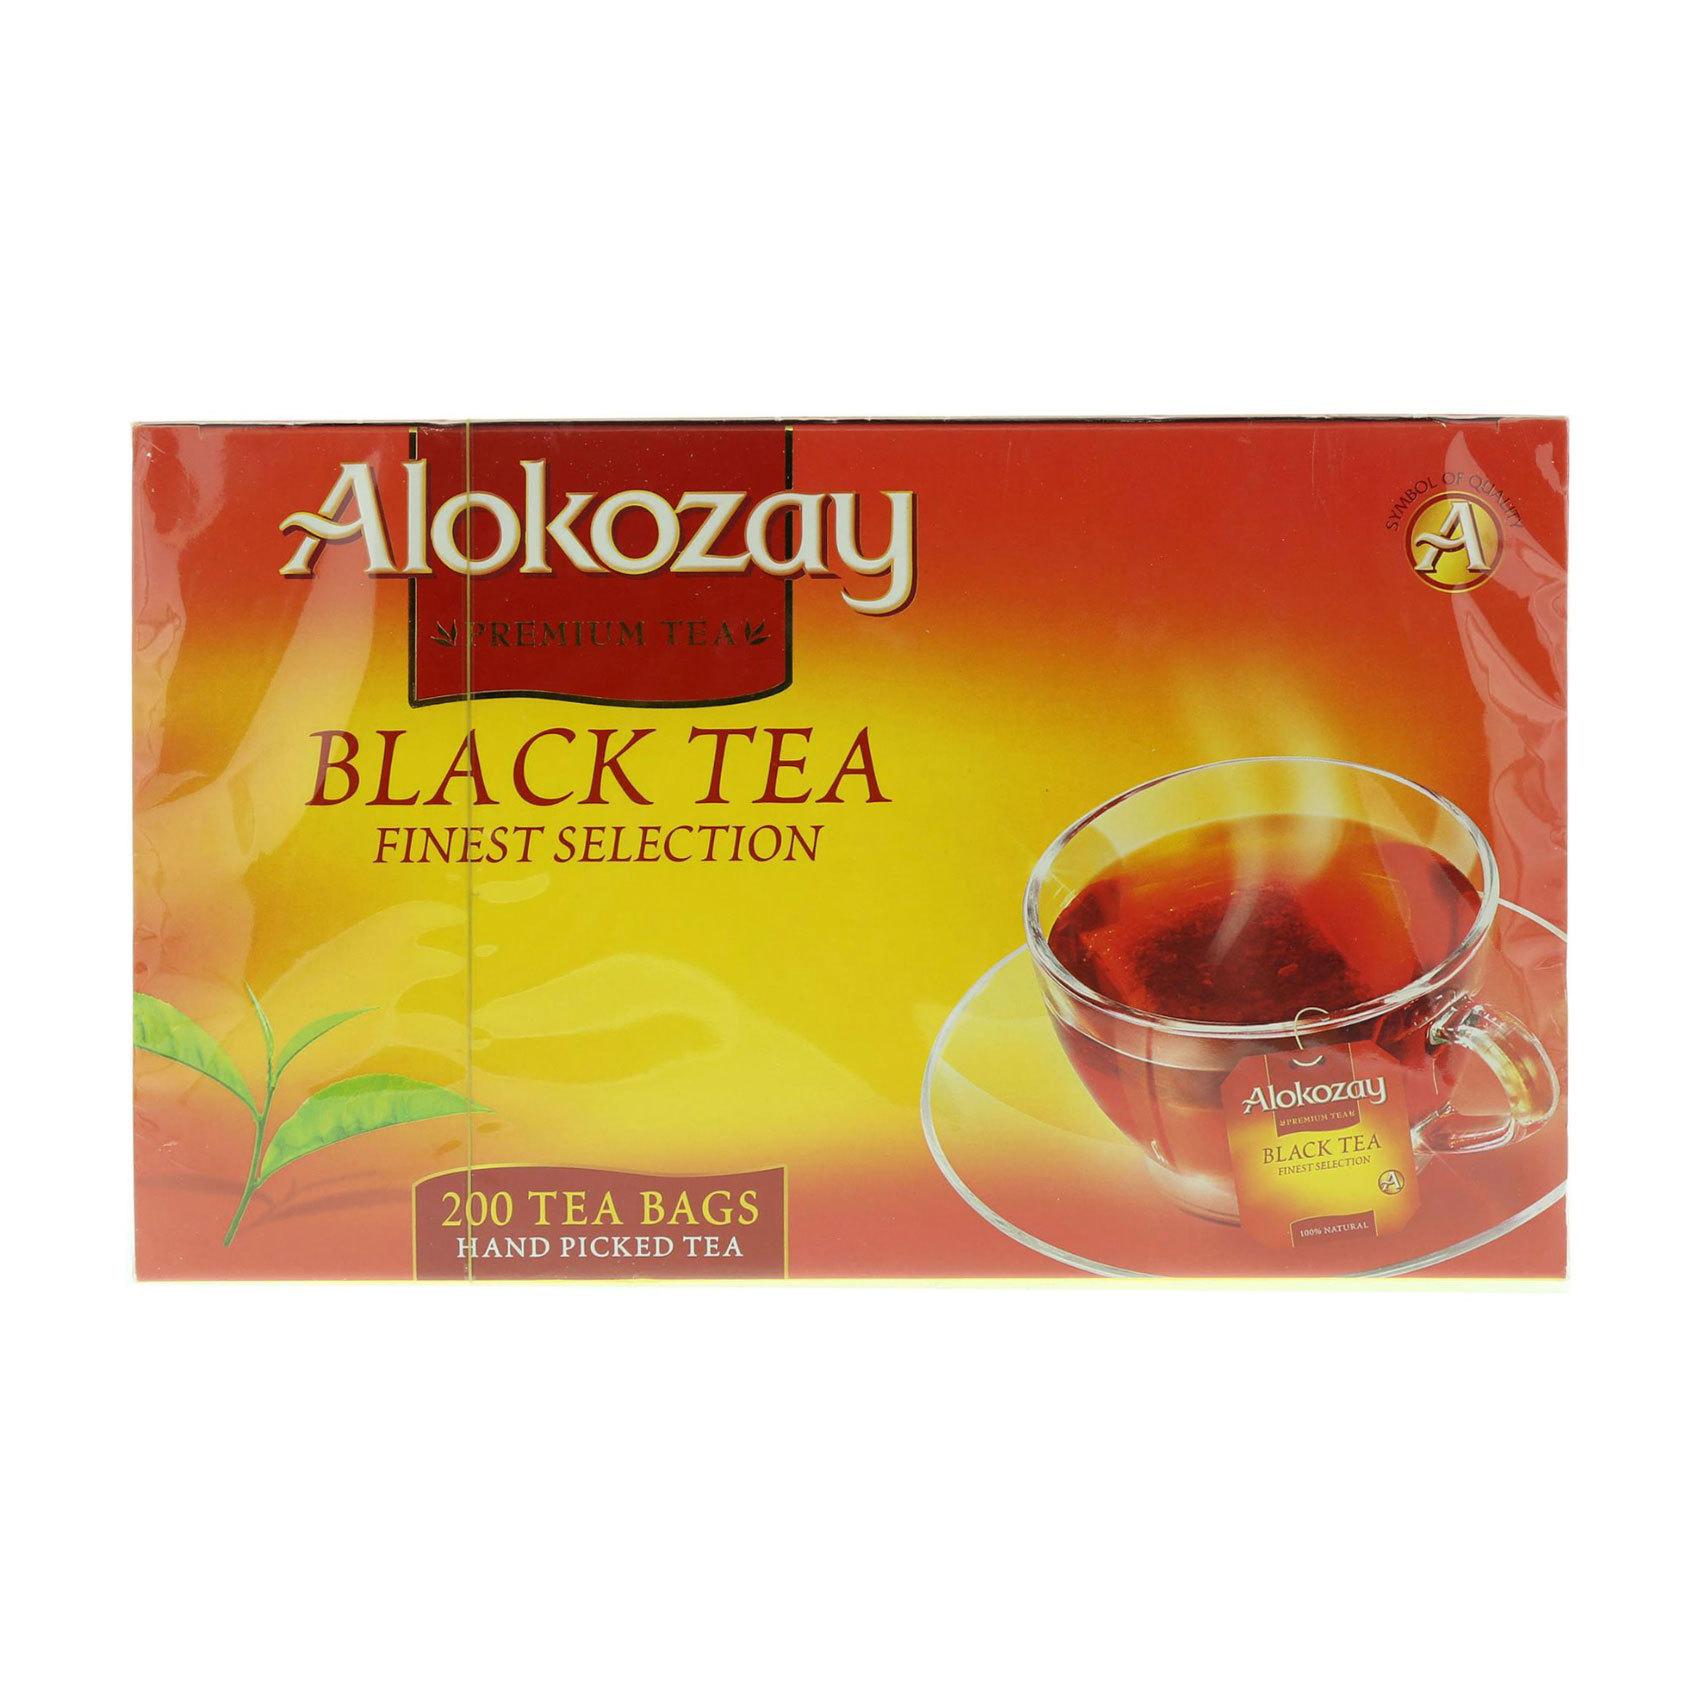 ALOKOZAY BLACK TEA BAGS 200'S 400G